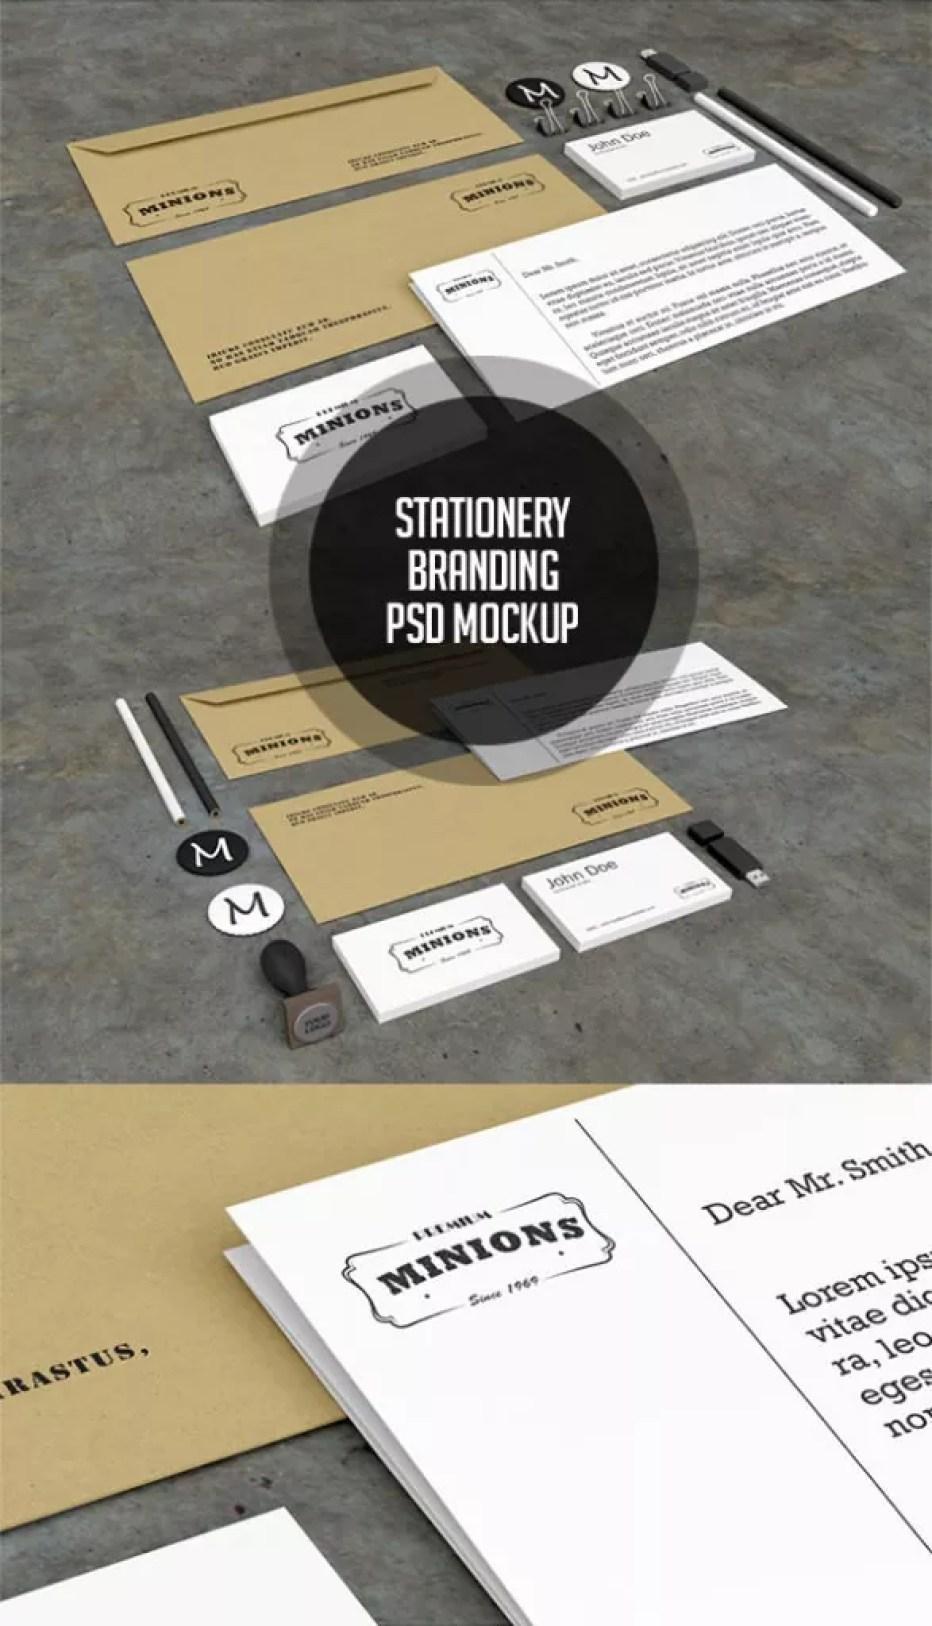 FreeStationeryPSDMockups 587x1024 - 60+ Branding, Identity & Stationery Free PSD Mockups